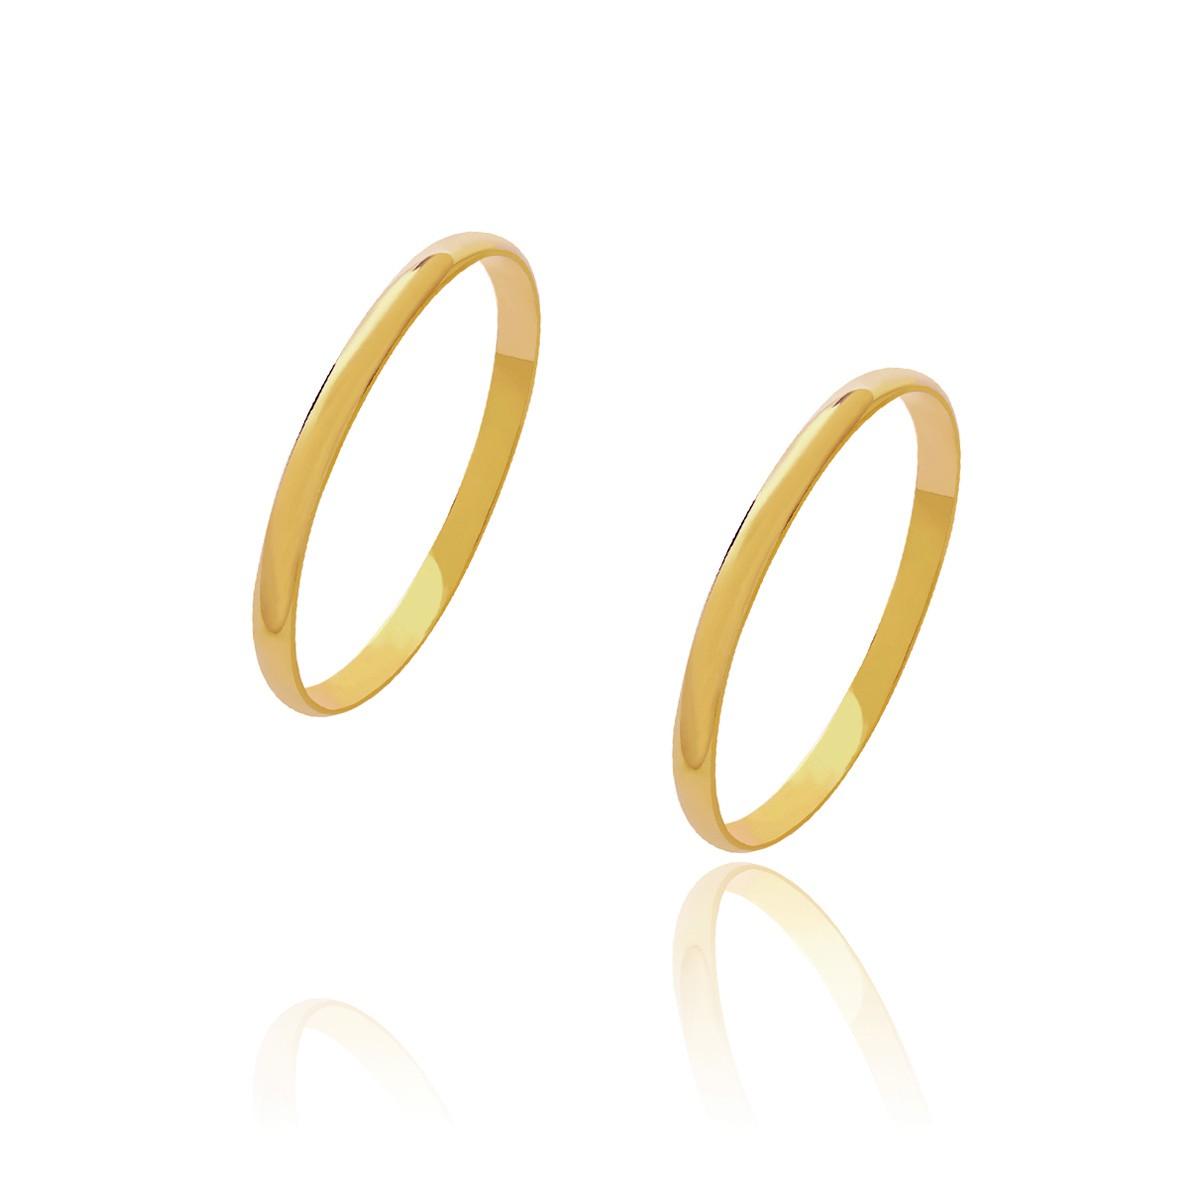 Par de Alianças de Casamento Diana Ouro Abaulada Lisa 1,8mm 1,5g